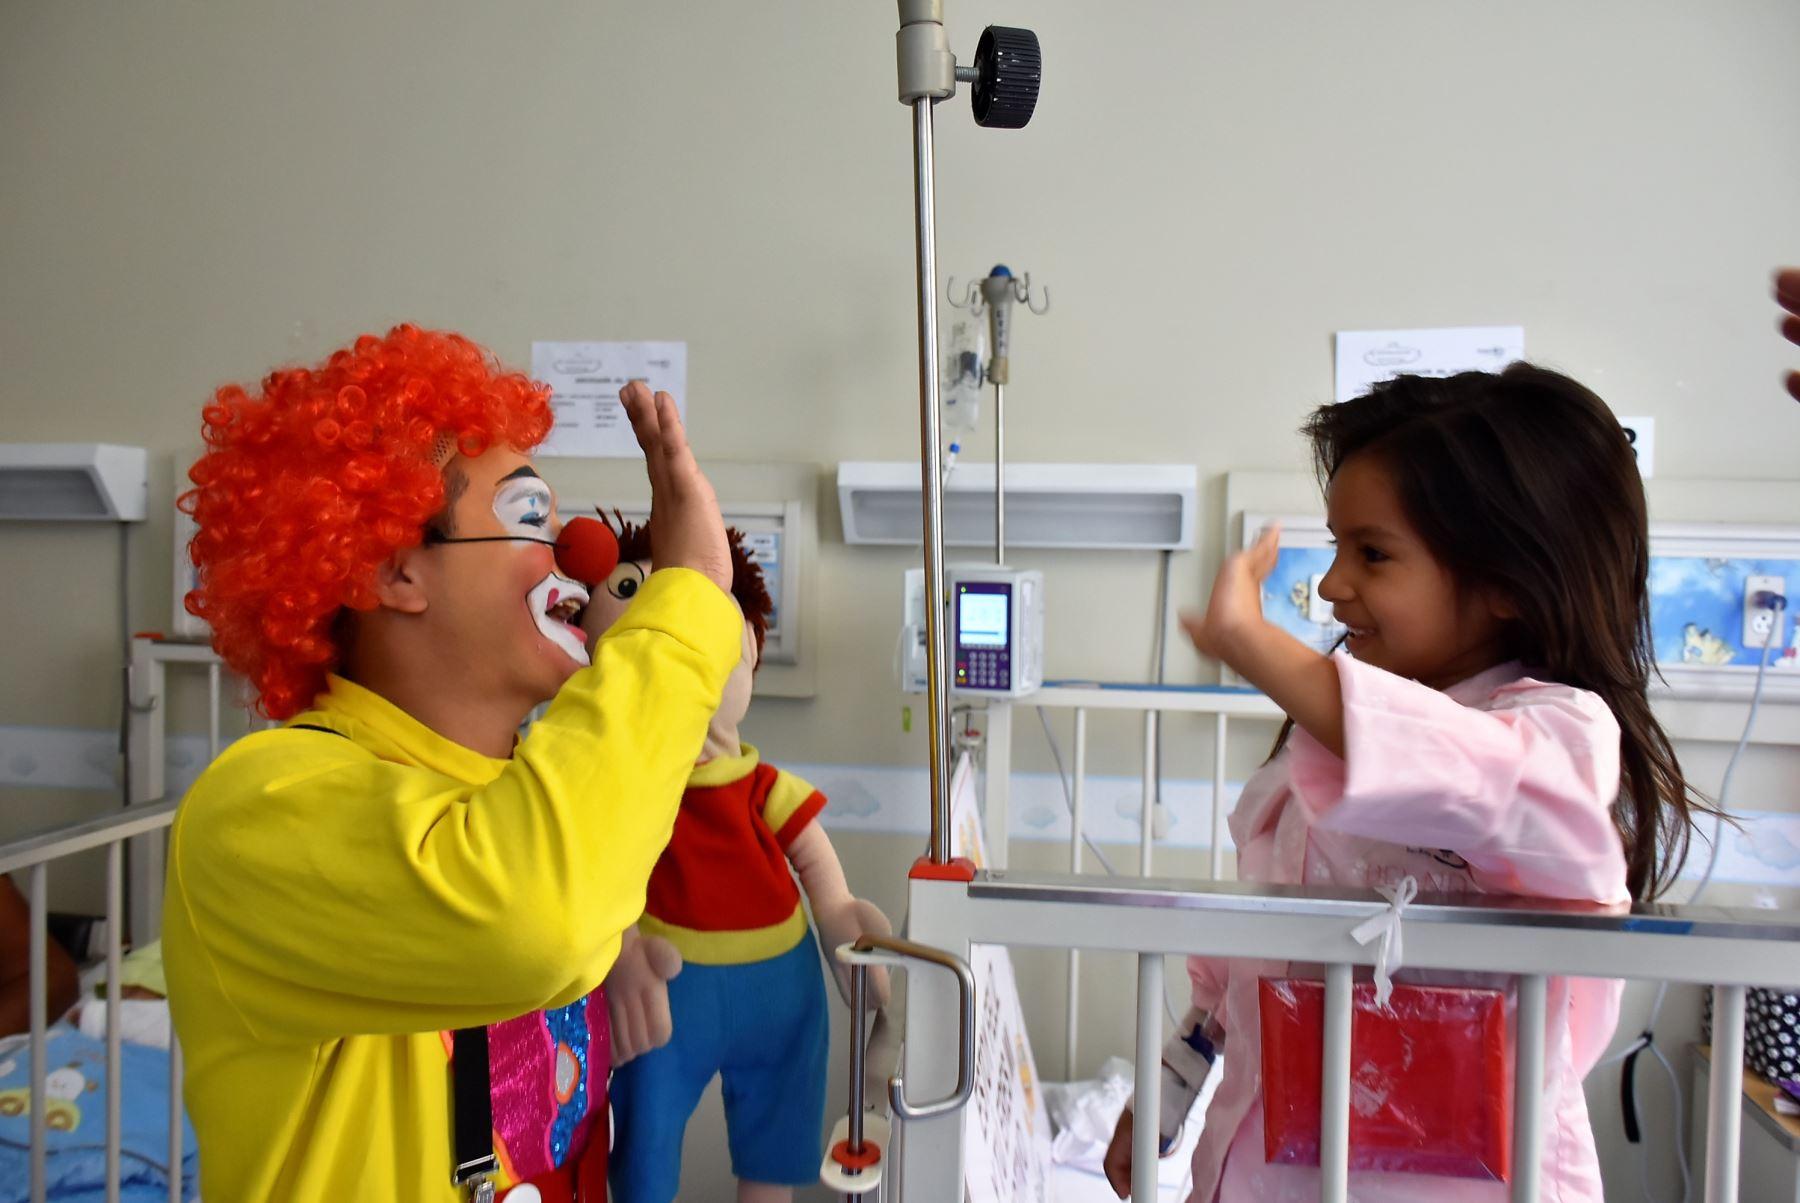 Un 30% de niños hospitalizados pueden presentar sintomatología depresiva. Foto: ANDINA/Difusión.